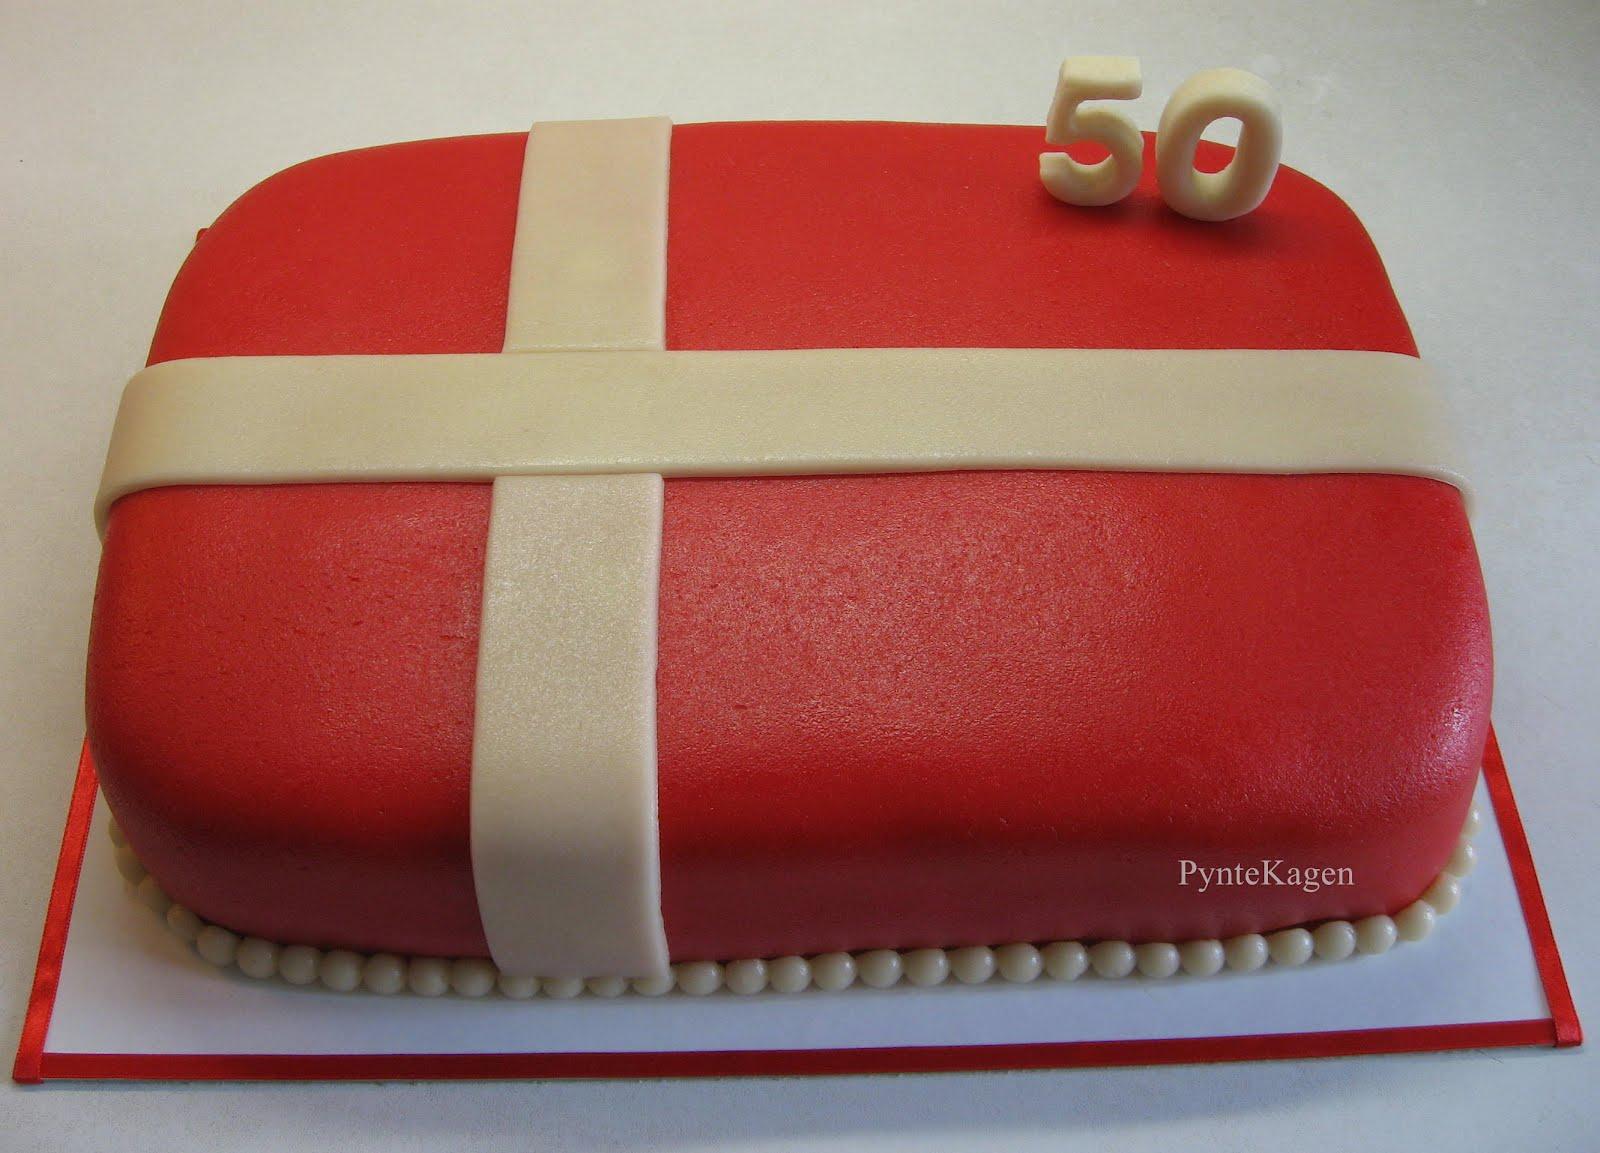 kage til 50 års fødselsdag